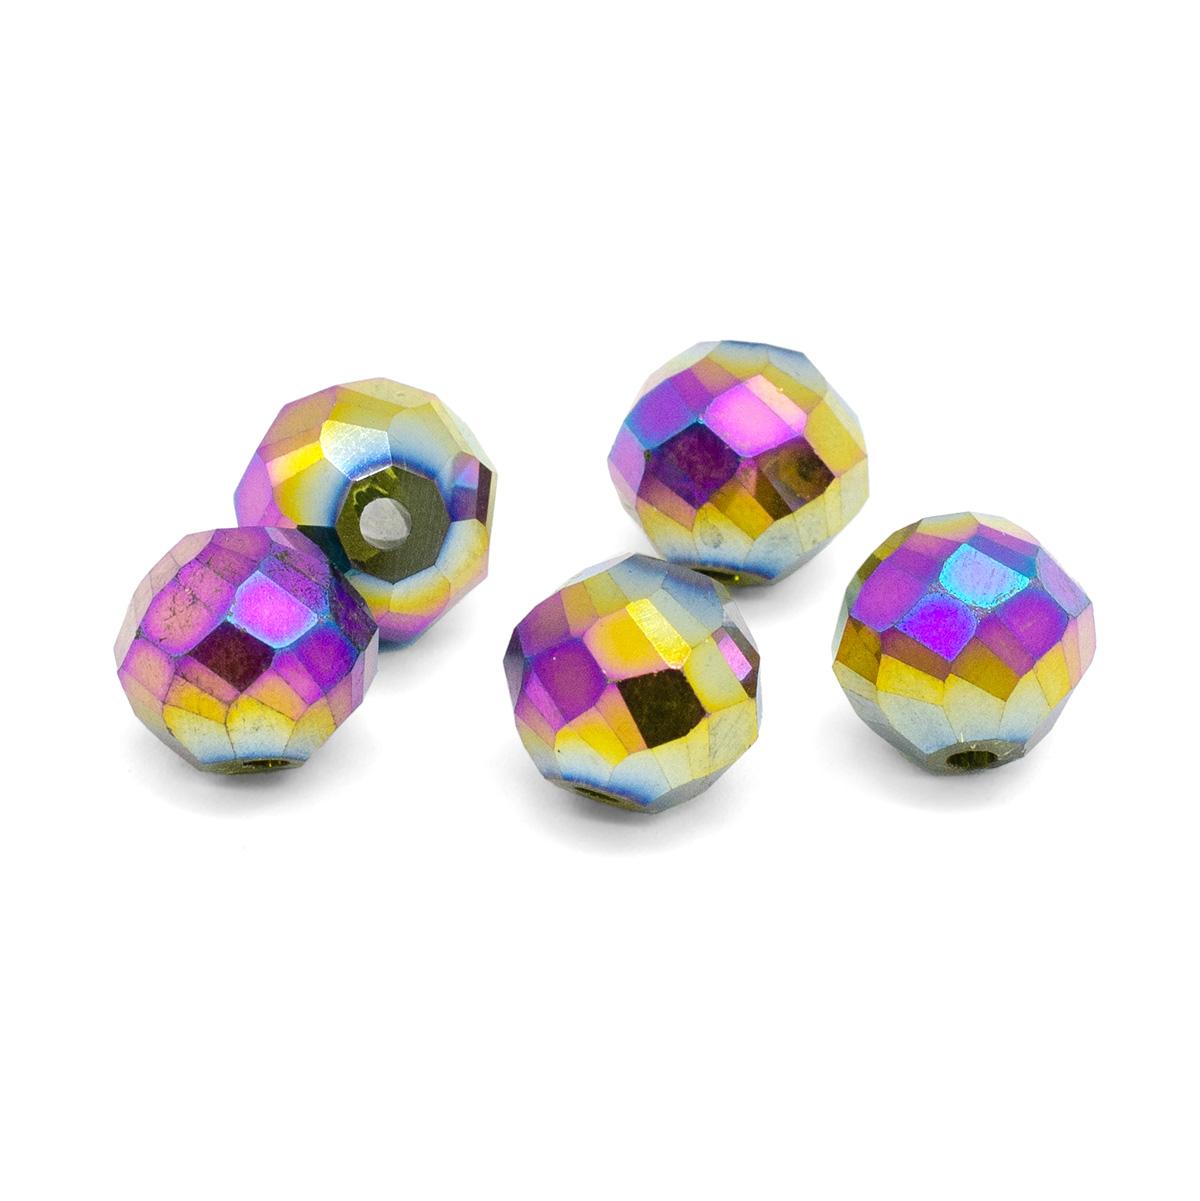 11393 Бусины стеклянные, 12 мм, упак./5 шт., Астра Premium